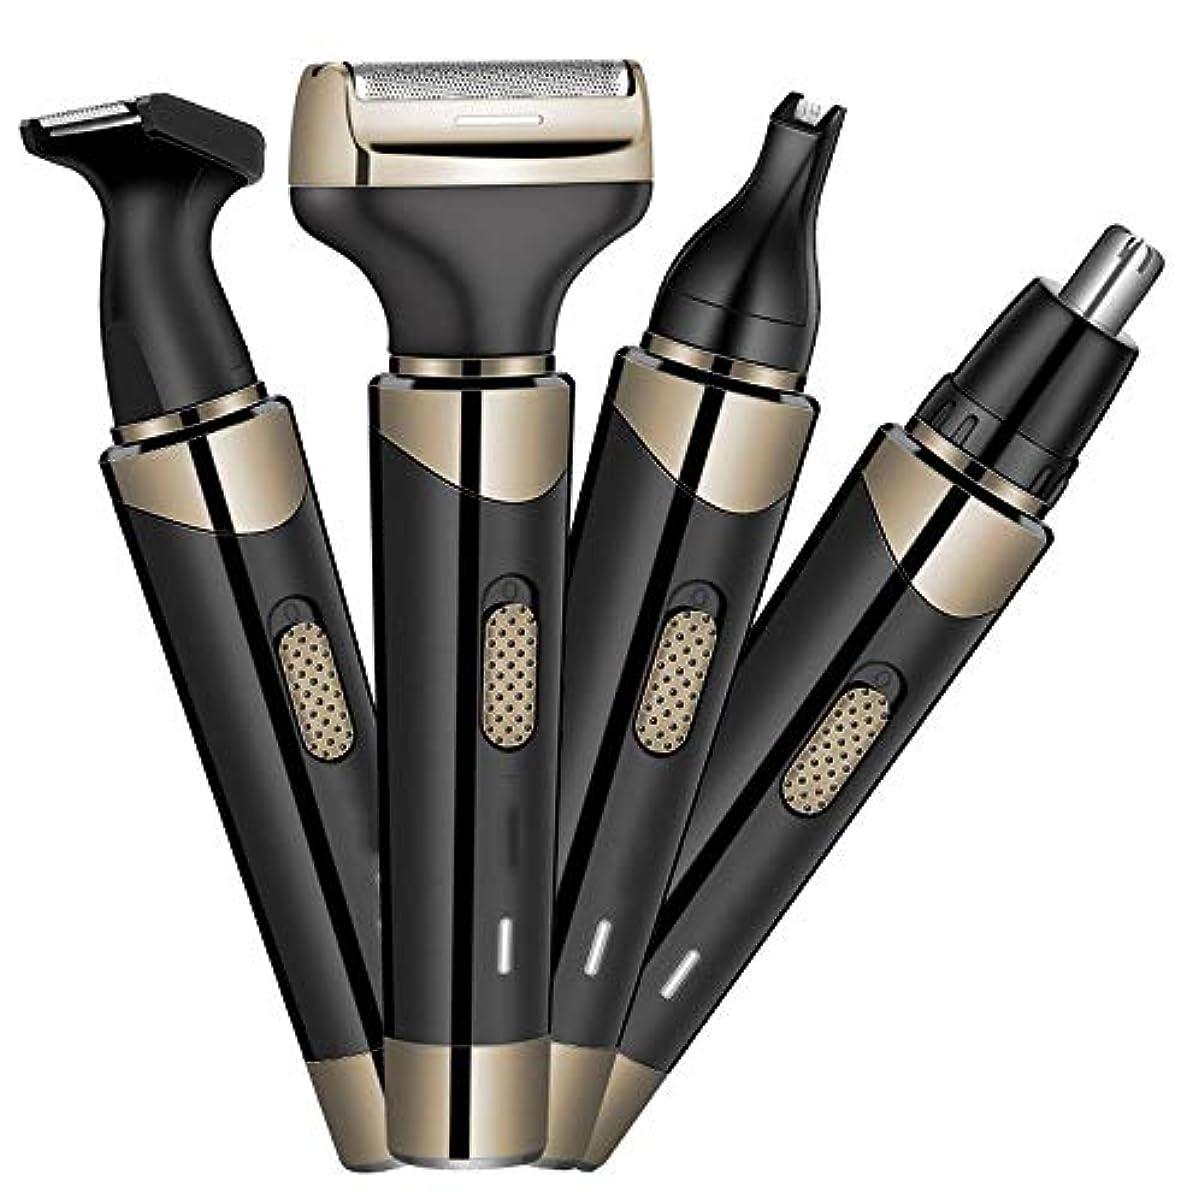 カプラーもっとクラウド多機能レイザーUsbのフォーインワンスーツメンズビアード鼻毛トリマー (Color : Black, Size : USB)